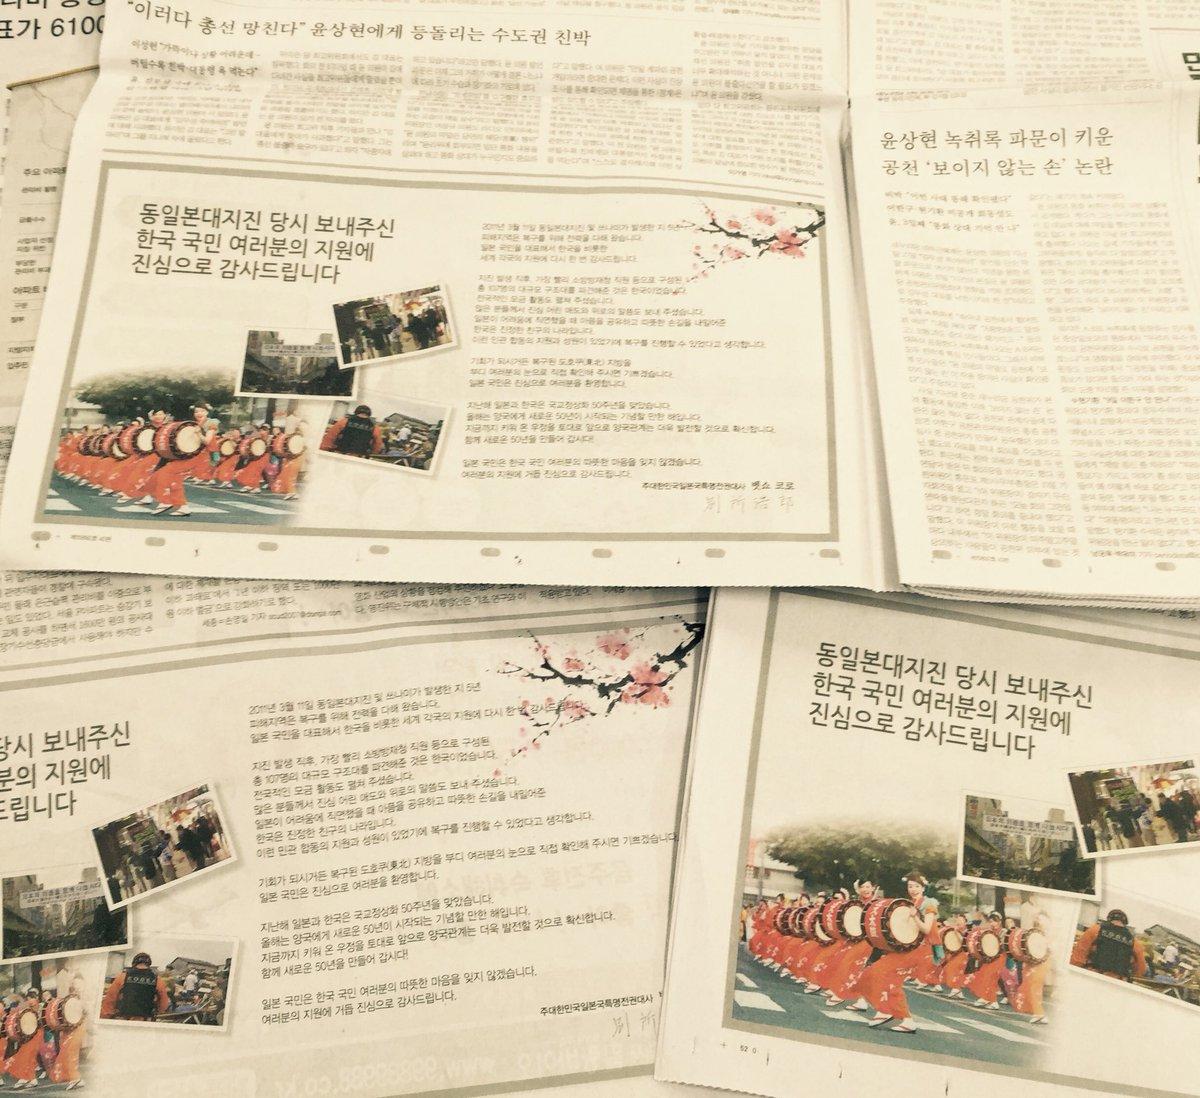 今朝の朝鮮日報、中央日報、東亜日報、各紙に出た日本政府の感謝広告。「東日本大震災当時、送っていただいた韓国国民皆さんの支援に心から感謝します」。復興する東北の姿を自分の目で見に来て欲しい、歓迎しますとのメッセージ付き。 https://t.co/SGPgXXSRoE